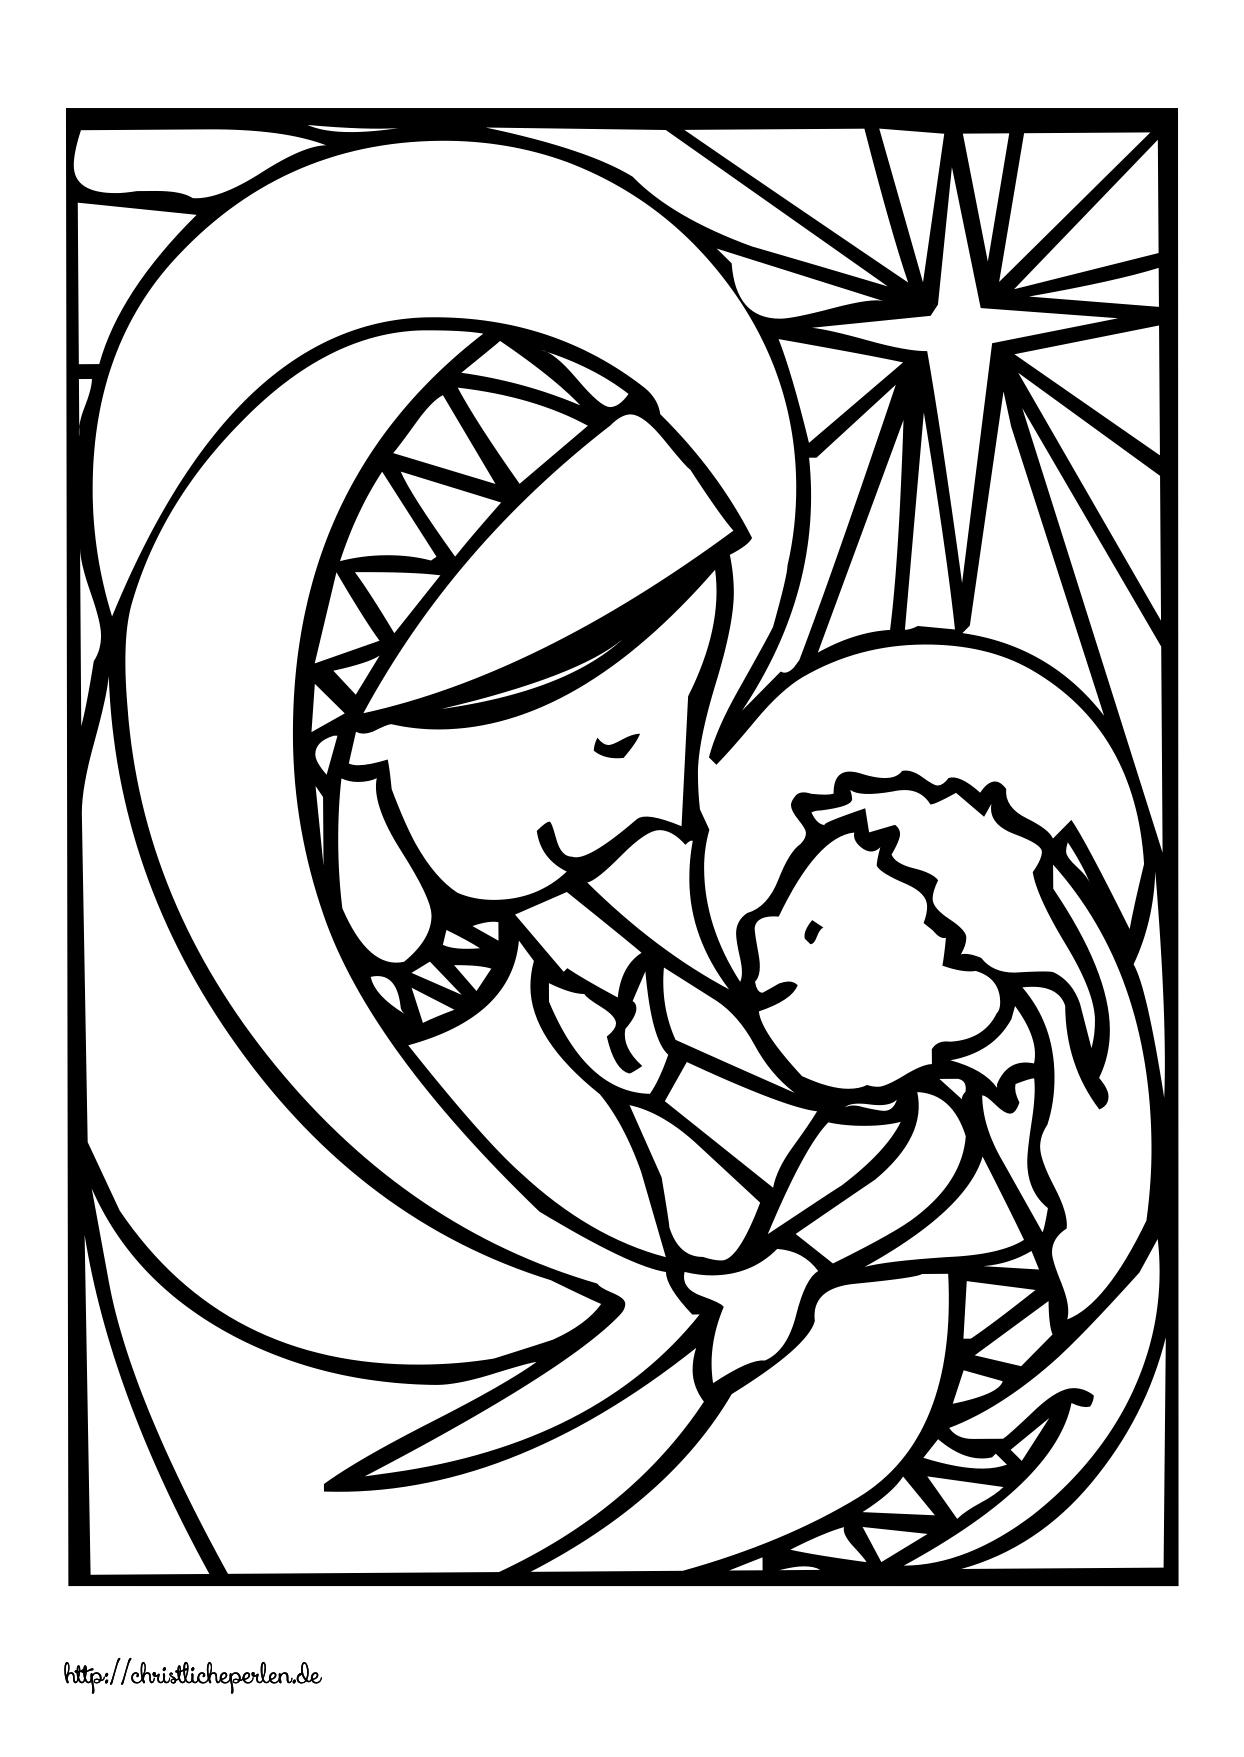 Neue Ausmalbilder Zu Weihnachten Christliche Perlen